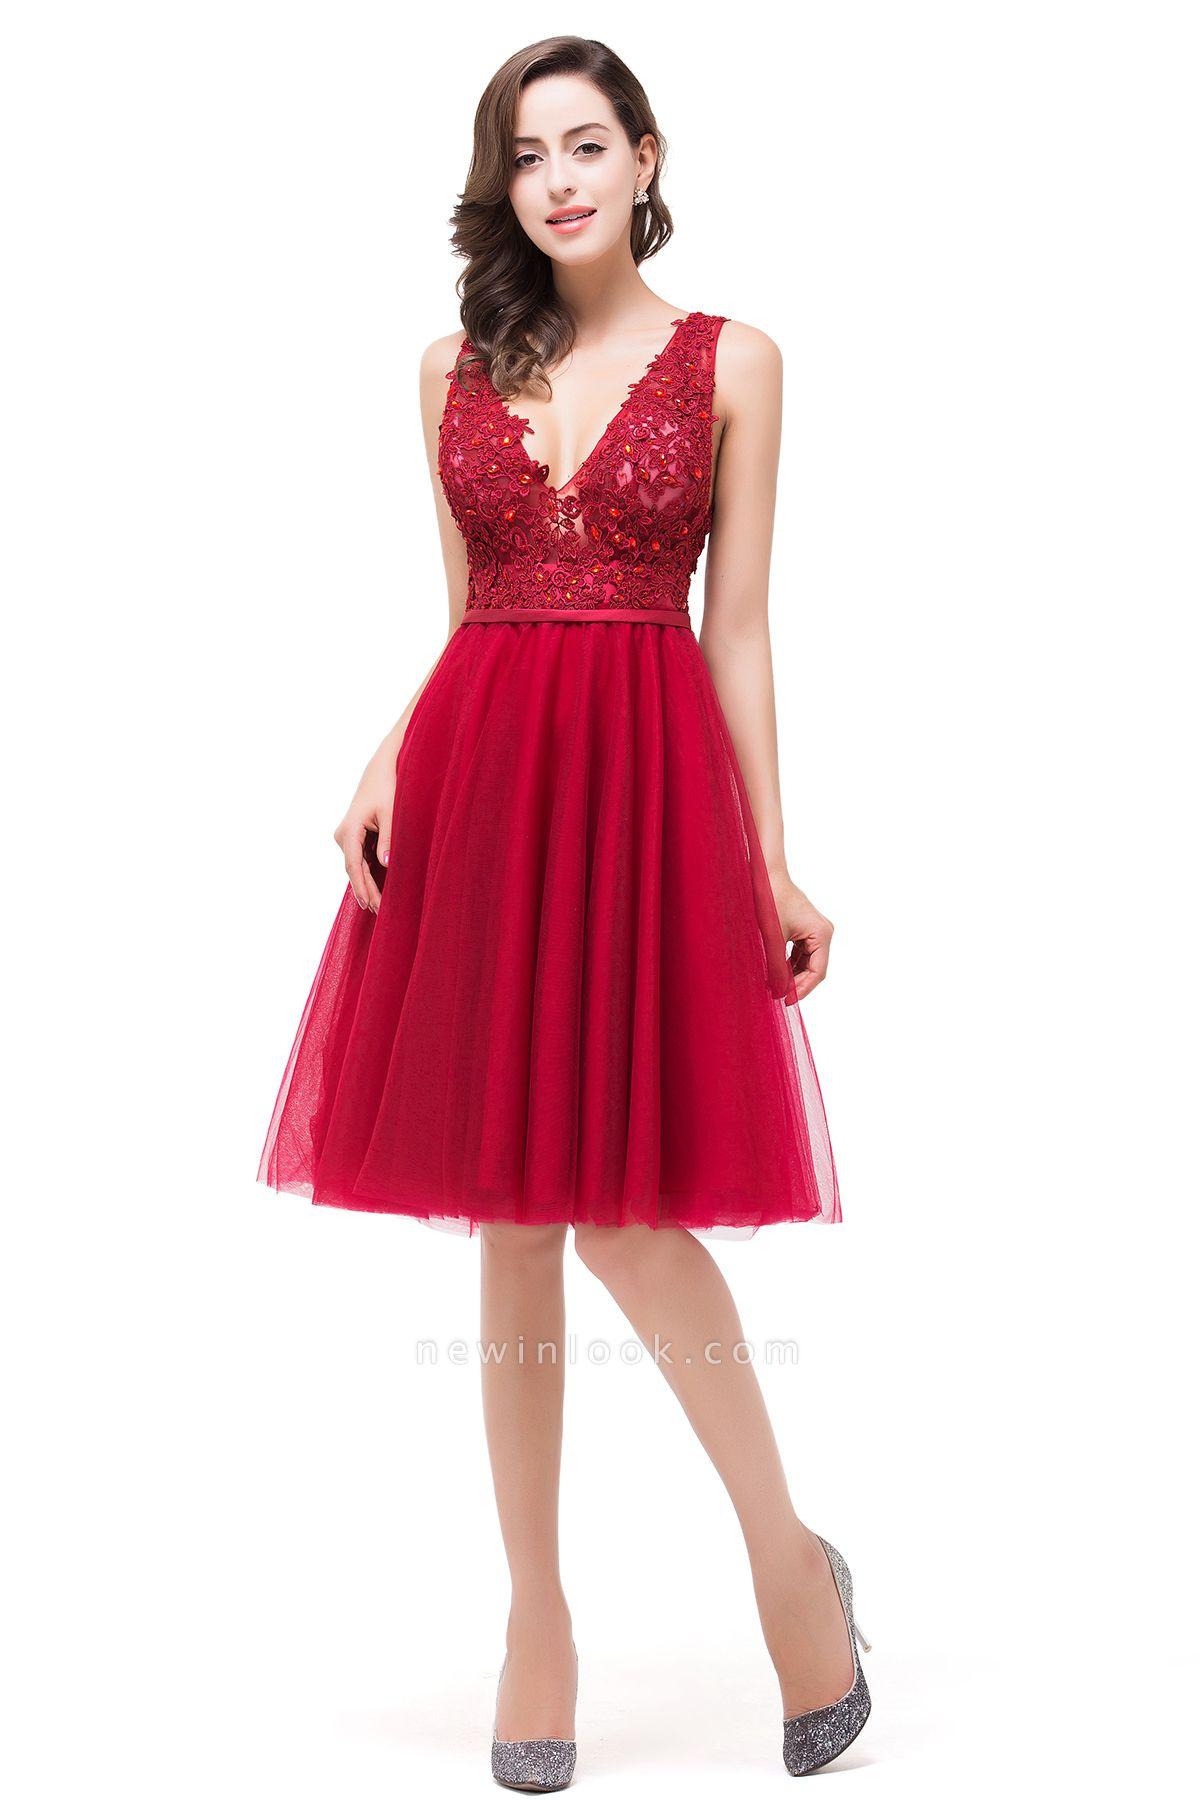 EVIE | Quinceanera Deep-V Neck Sleeveless Short Dama Dresses with Appliques